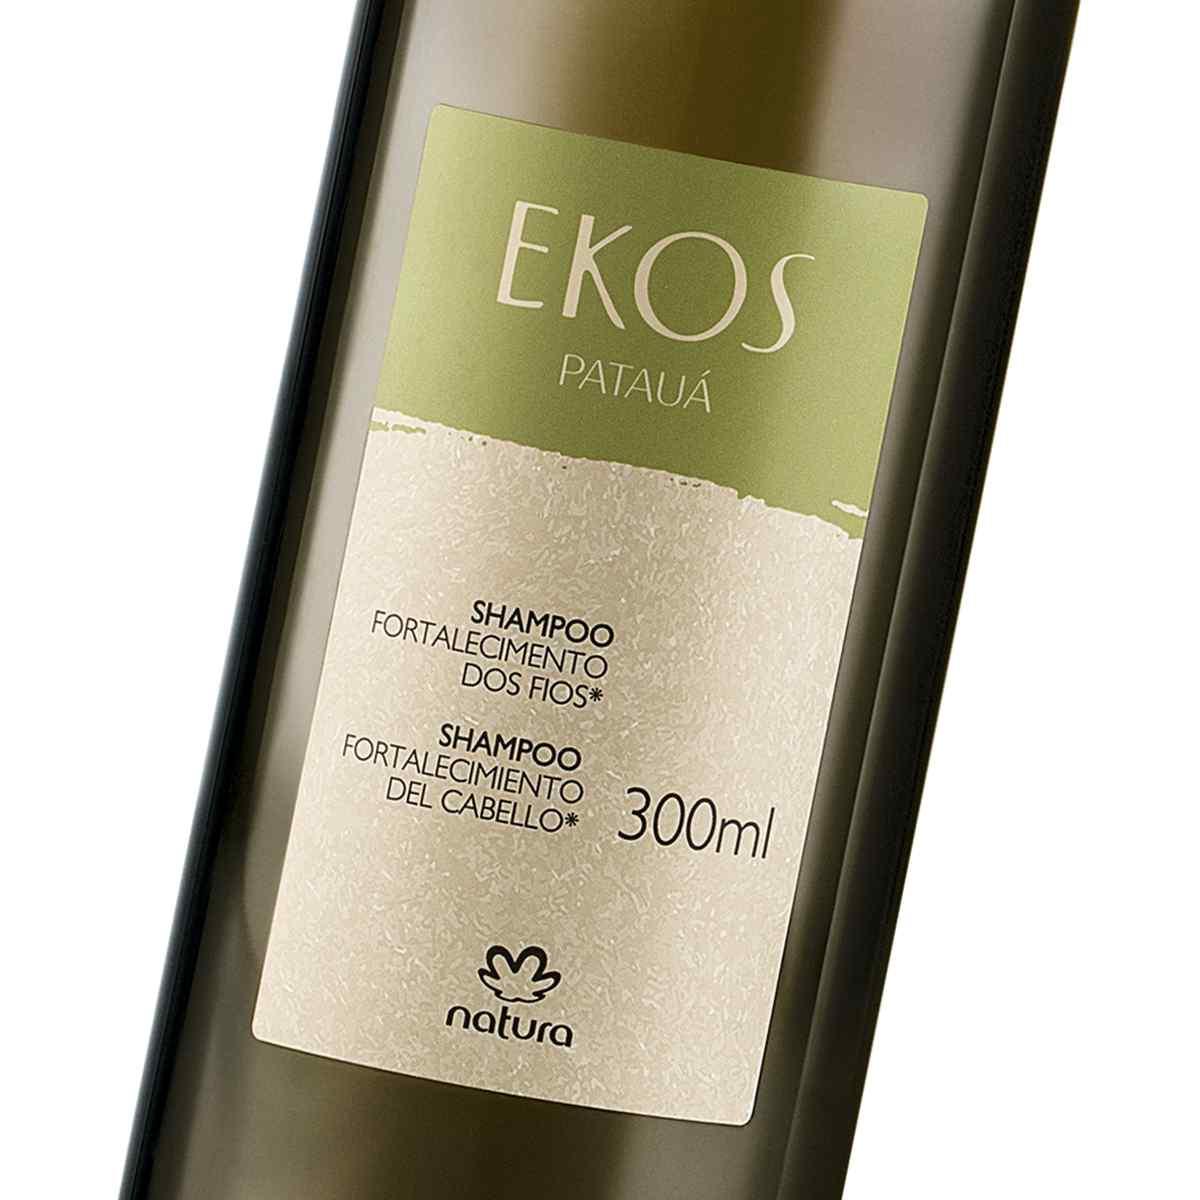 Shampoo Ekos Patauá - 300ml - 63374